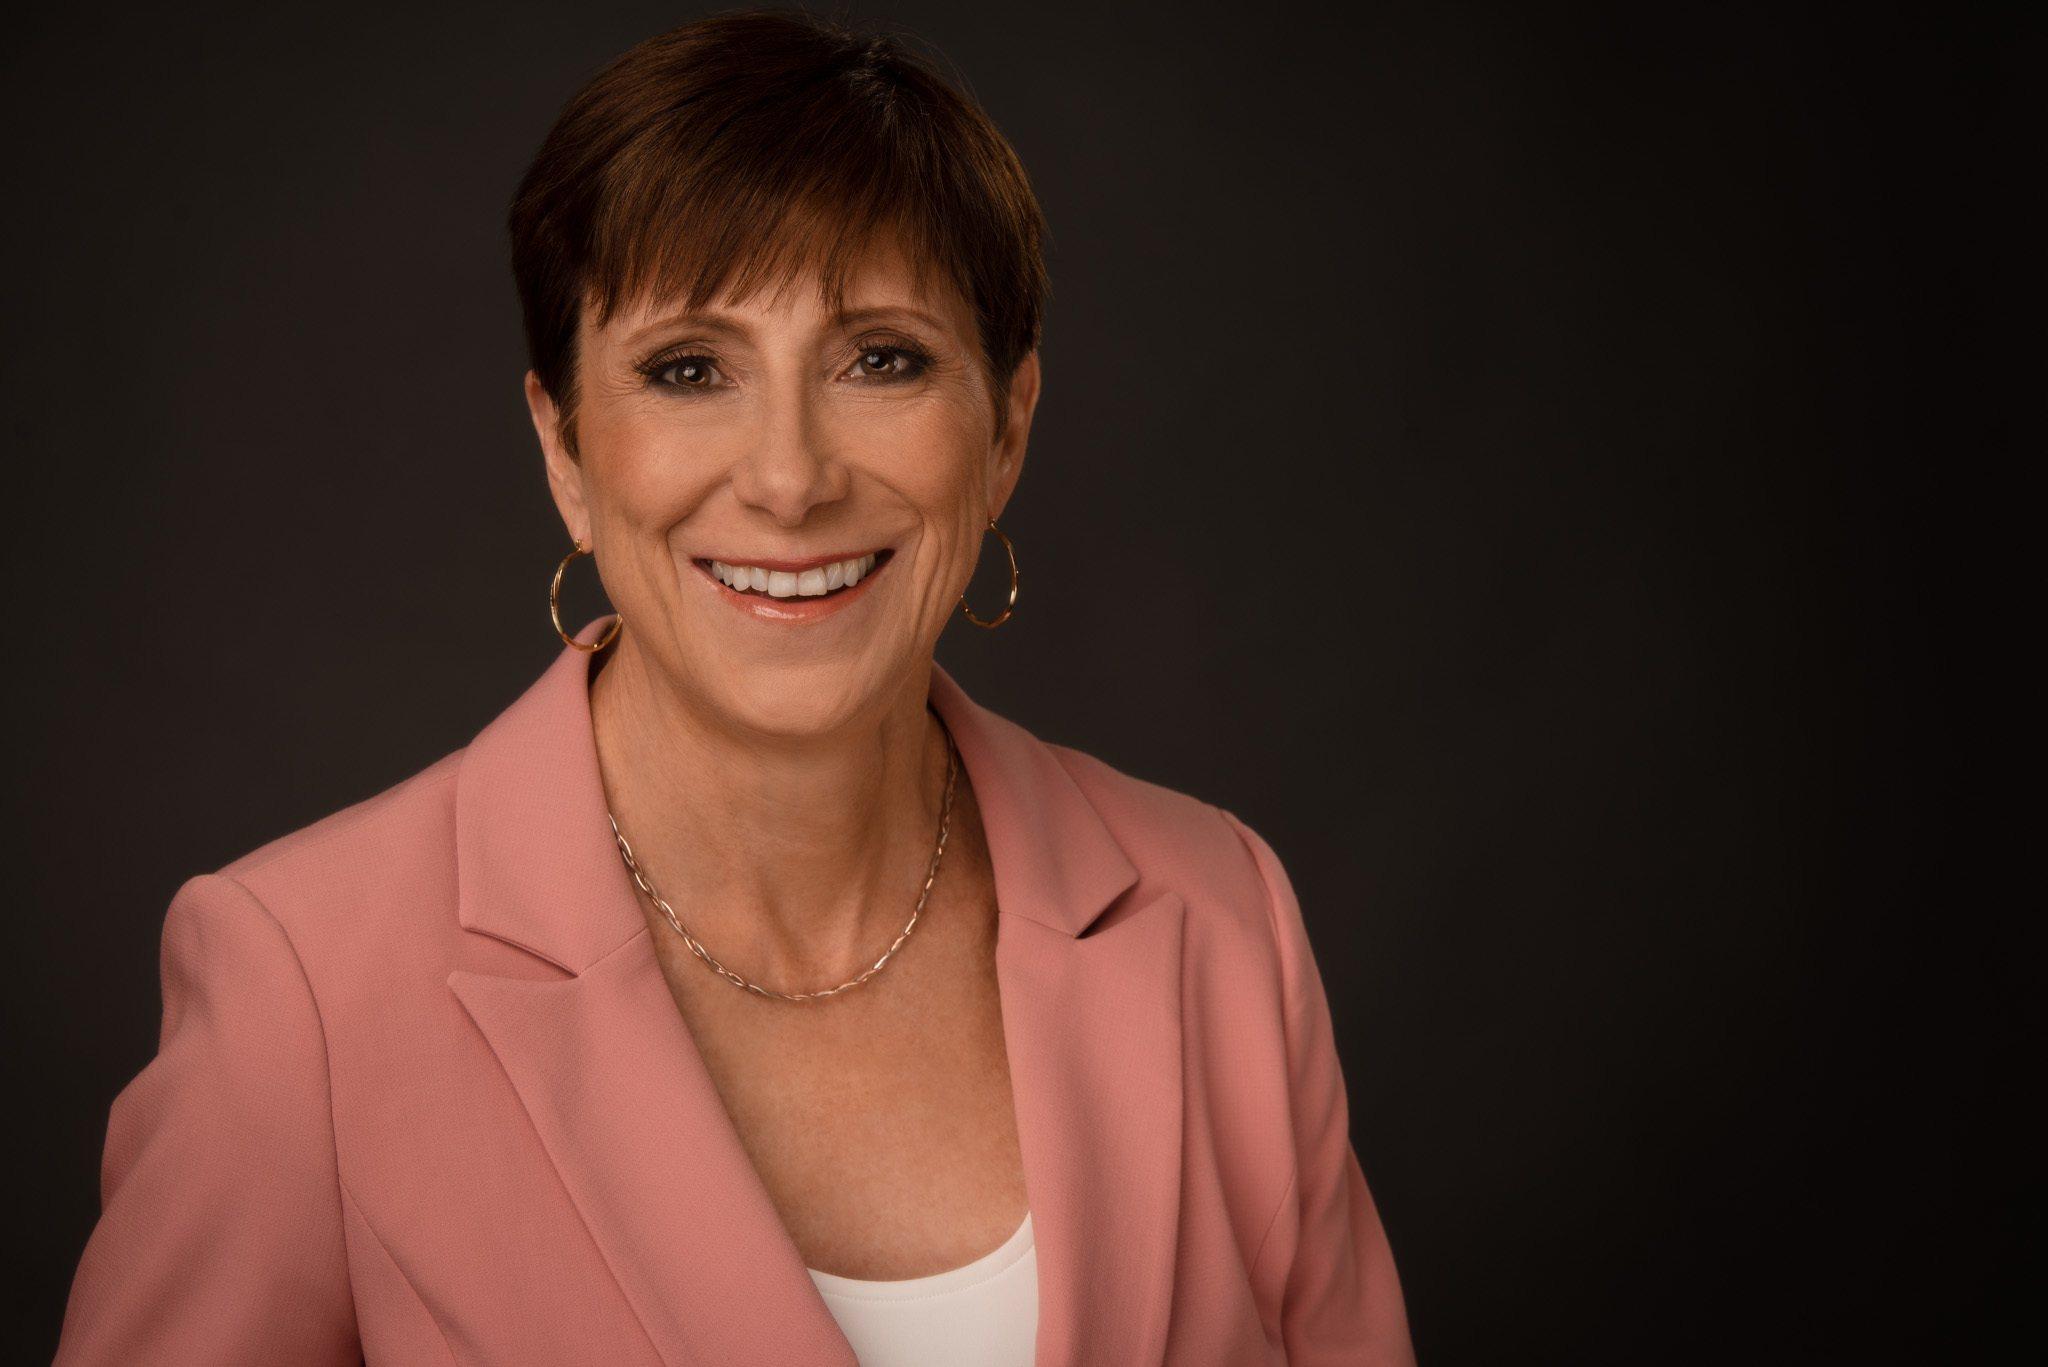 Cynthia Abbott-Alliance of Women in Tech Leadership